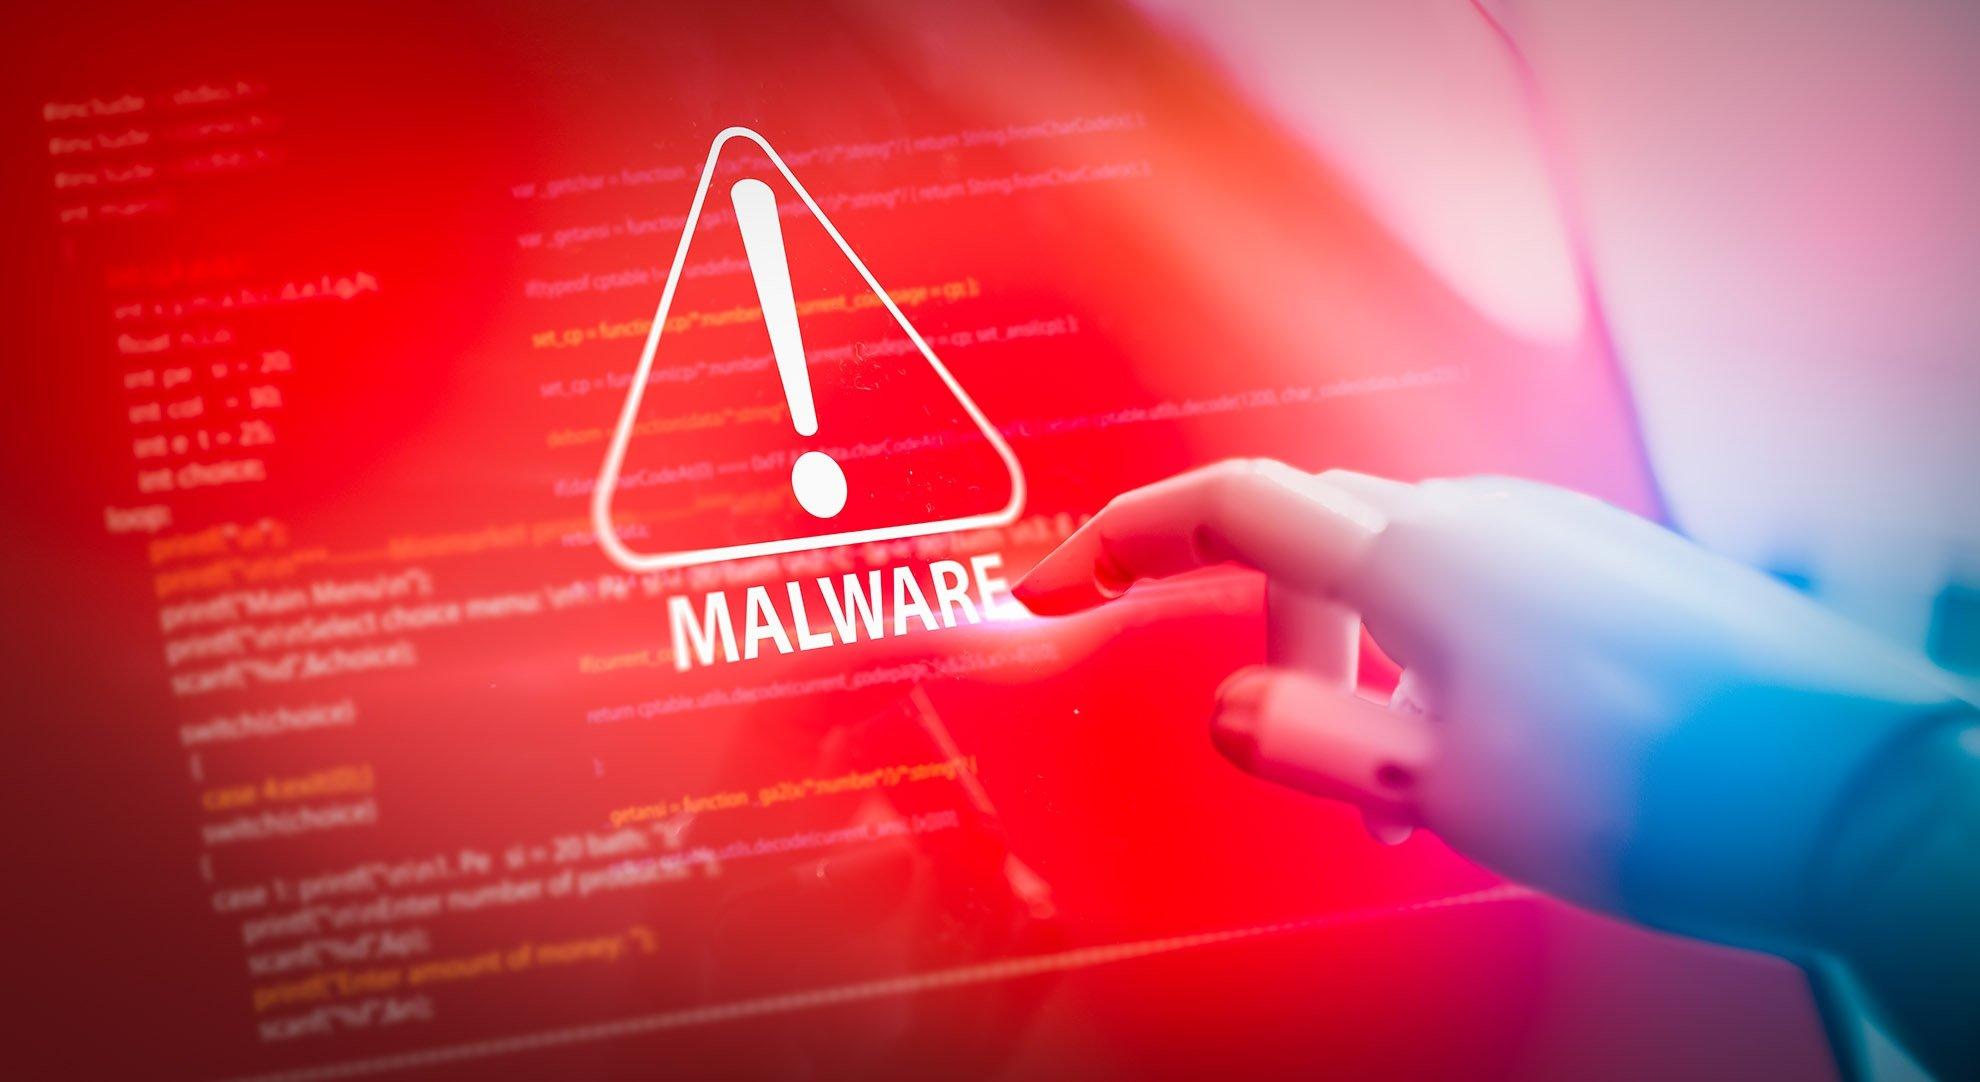 malware roubar senhas